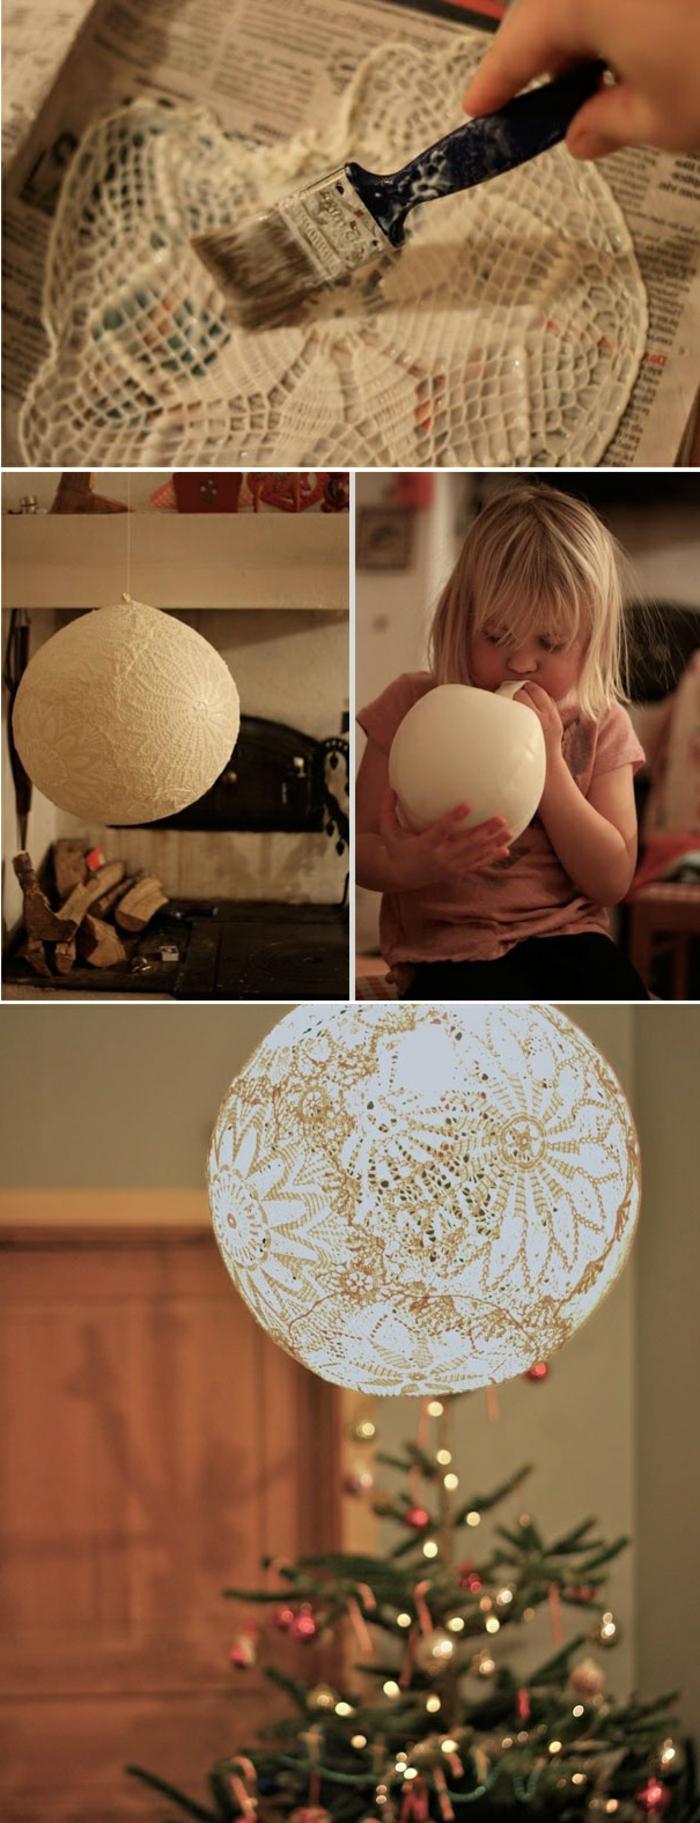 originales ideas de talleres para niños, lámparas DIY hechas de materiales de reciclaje, ideas para decorar la casa